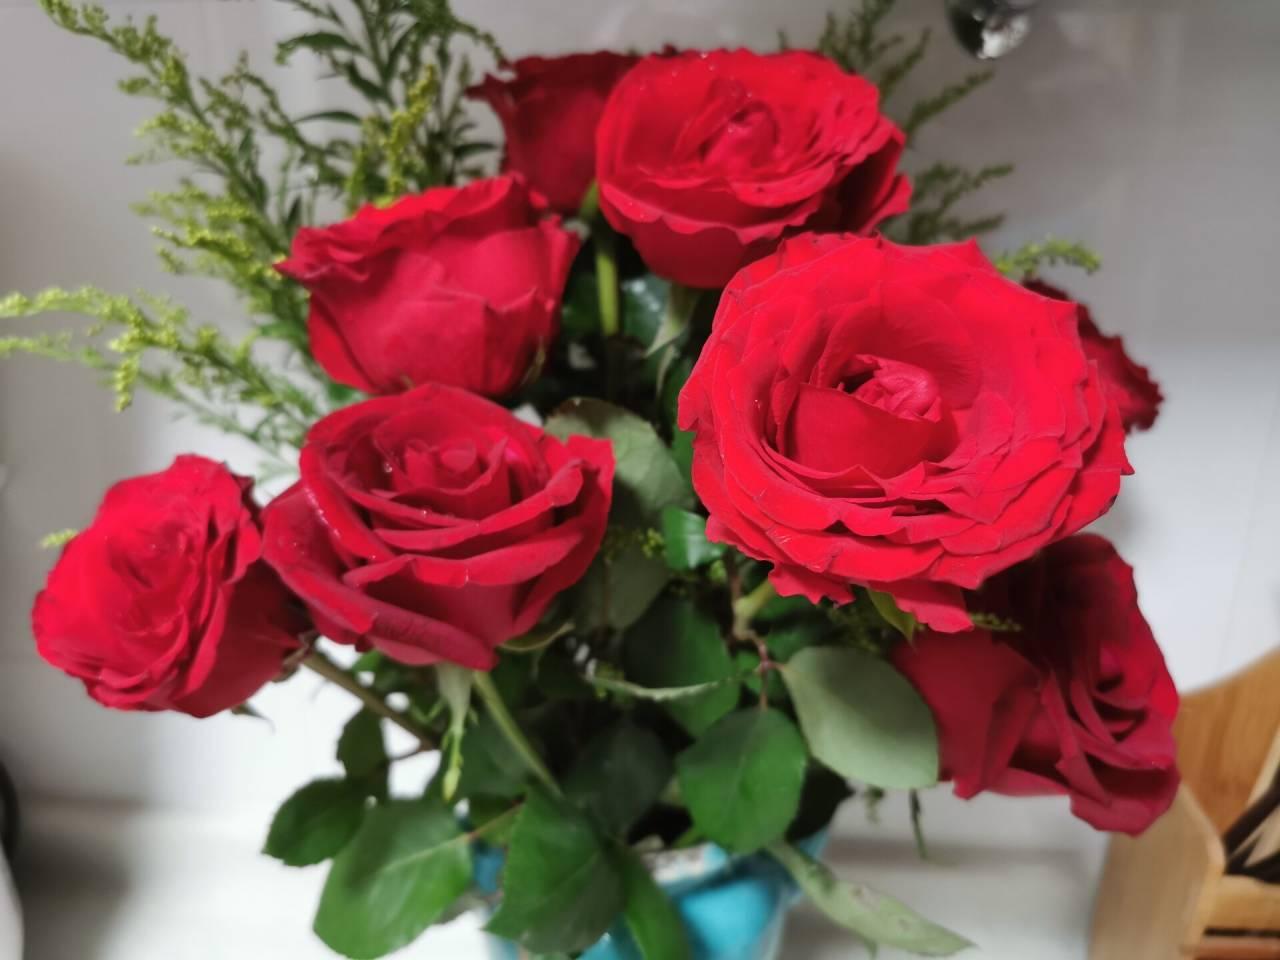 看花老眼之瓶中玫瑰7.jpg